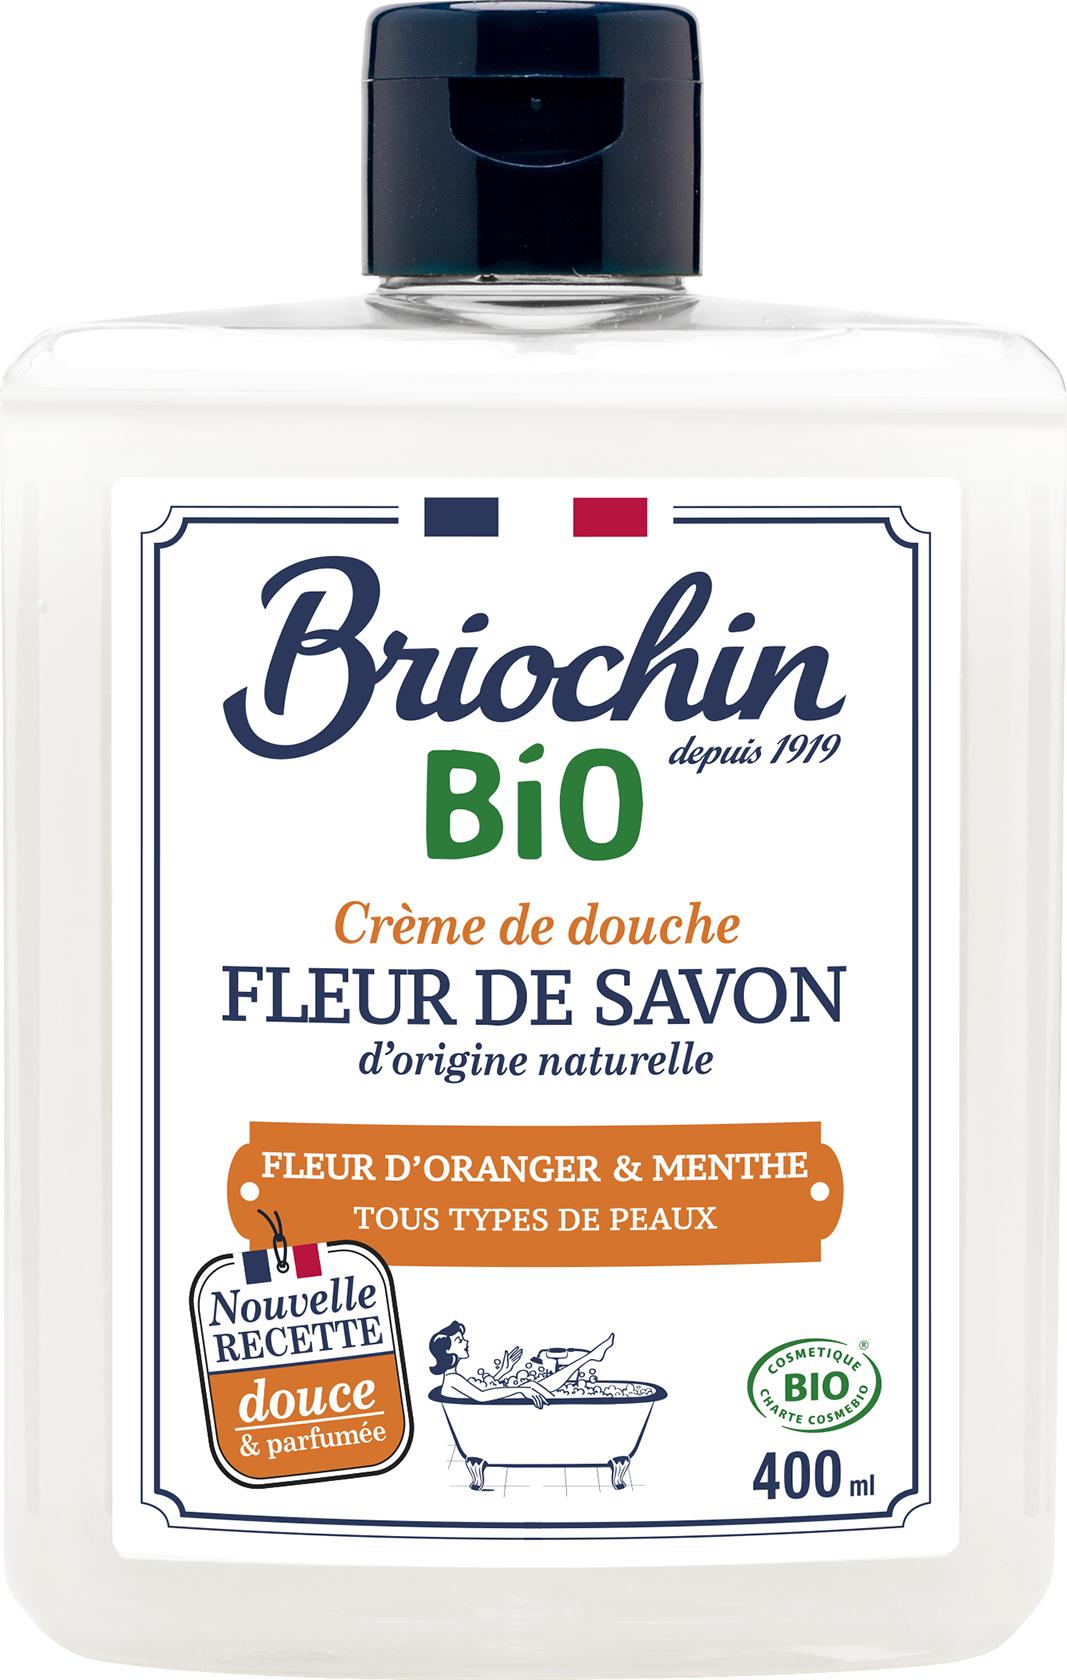 Briochin Fleur de savon Sprchový gel - květ pomerančovníku a máta, 400ml